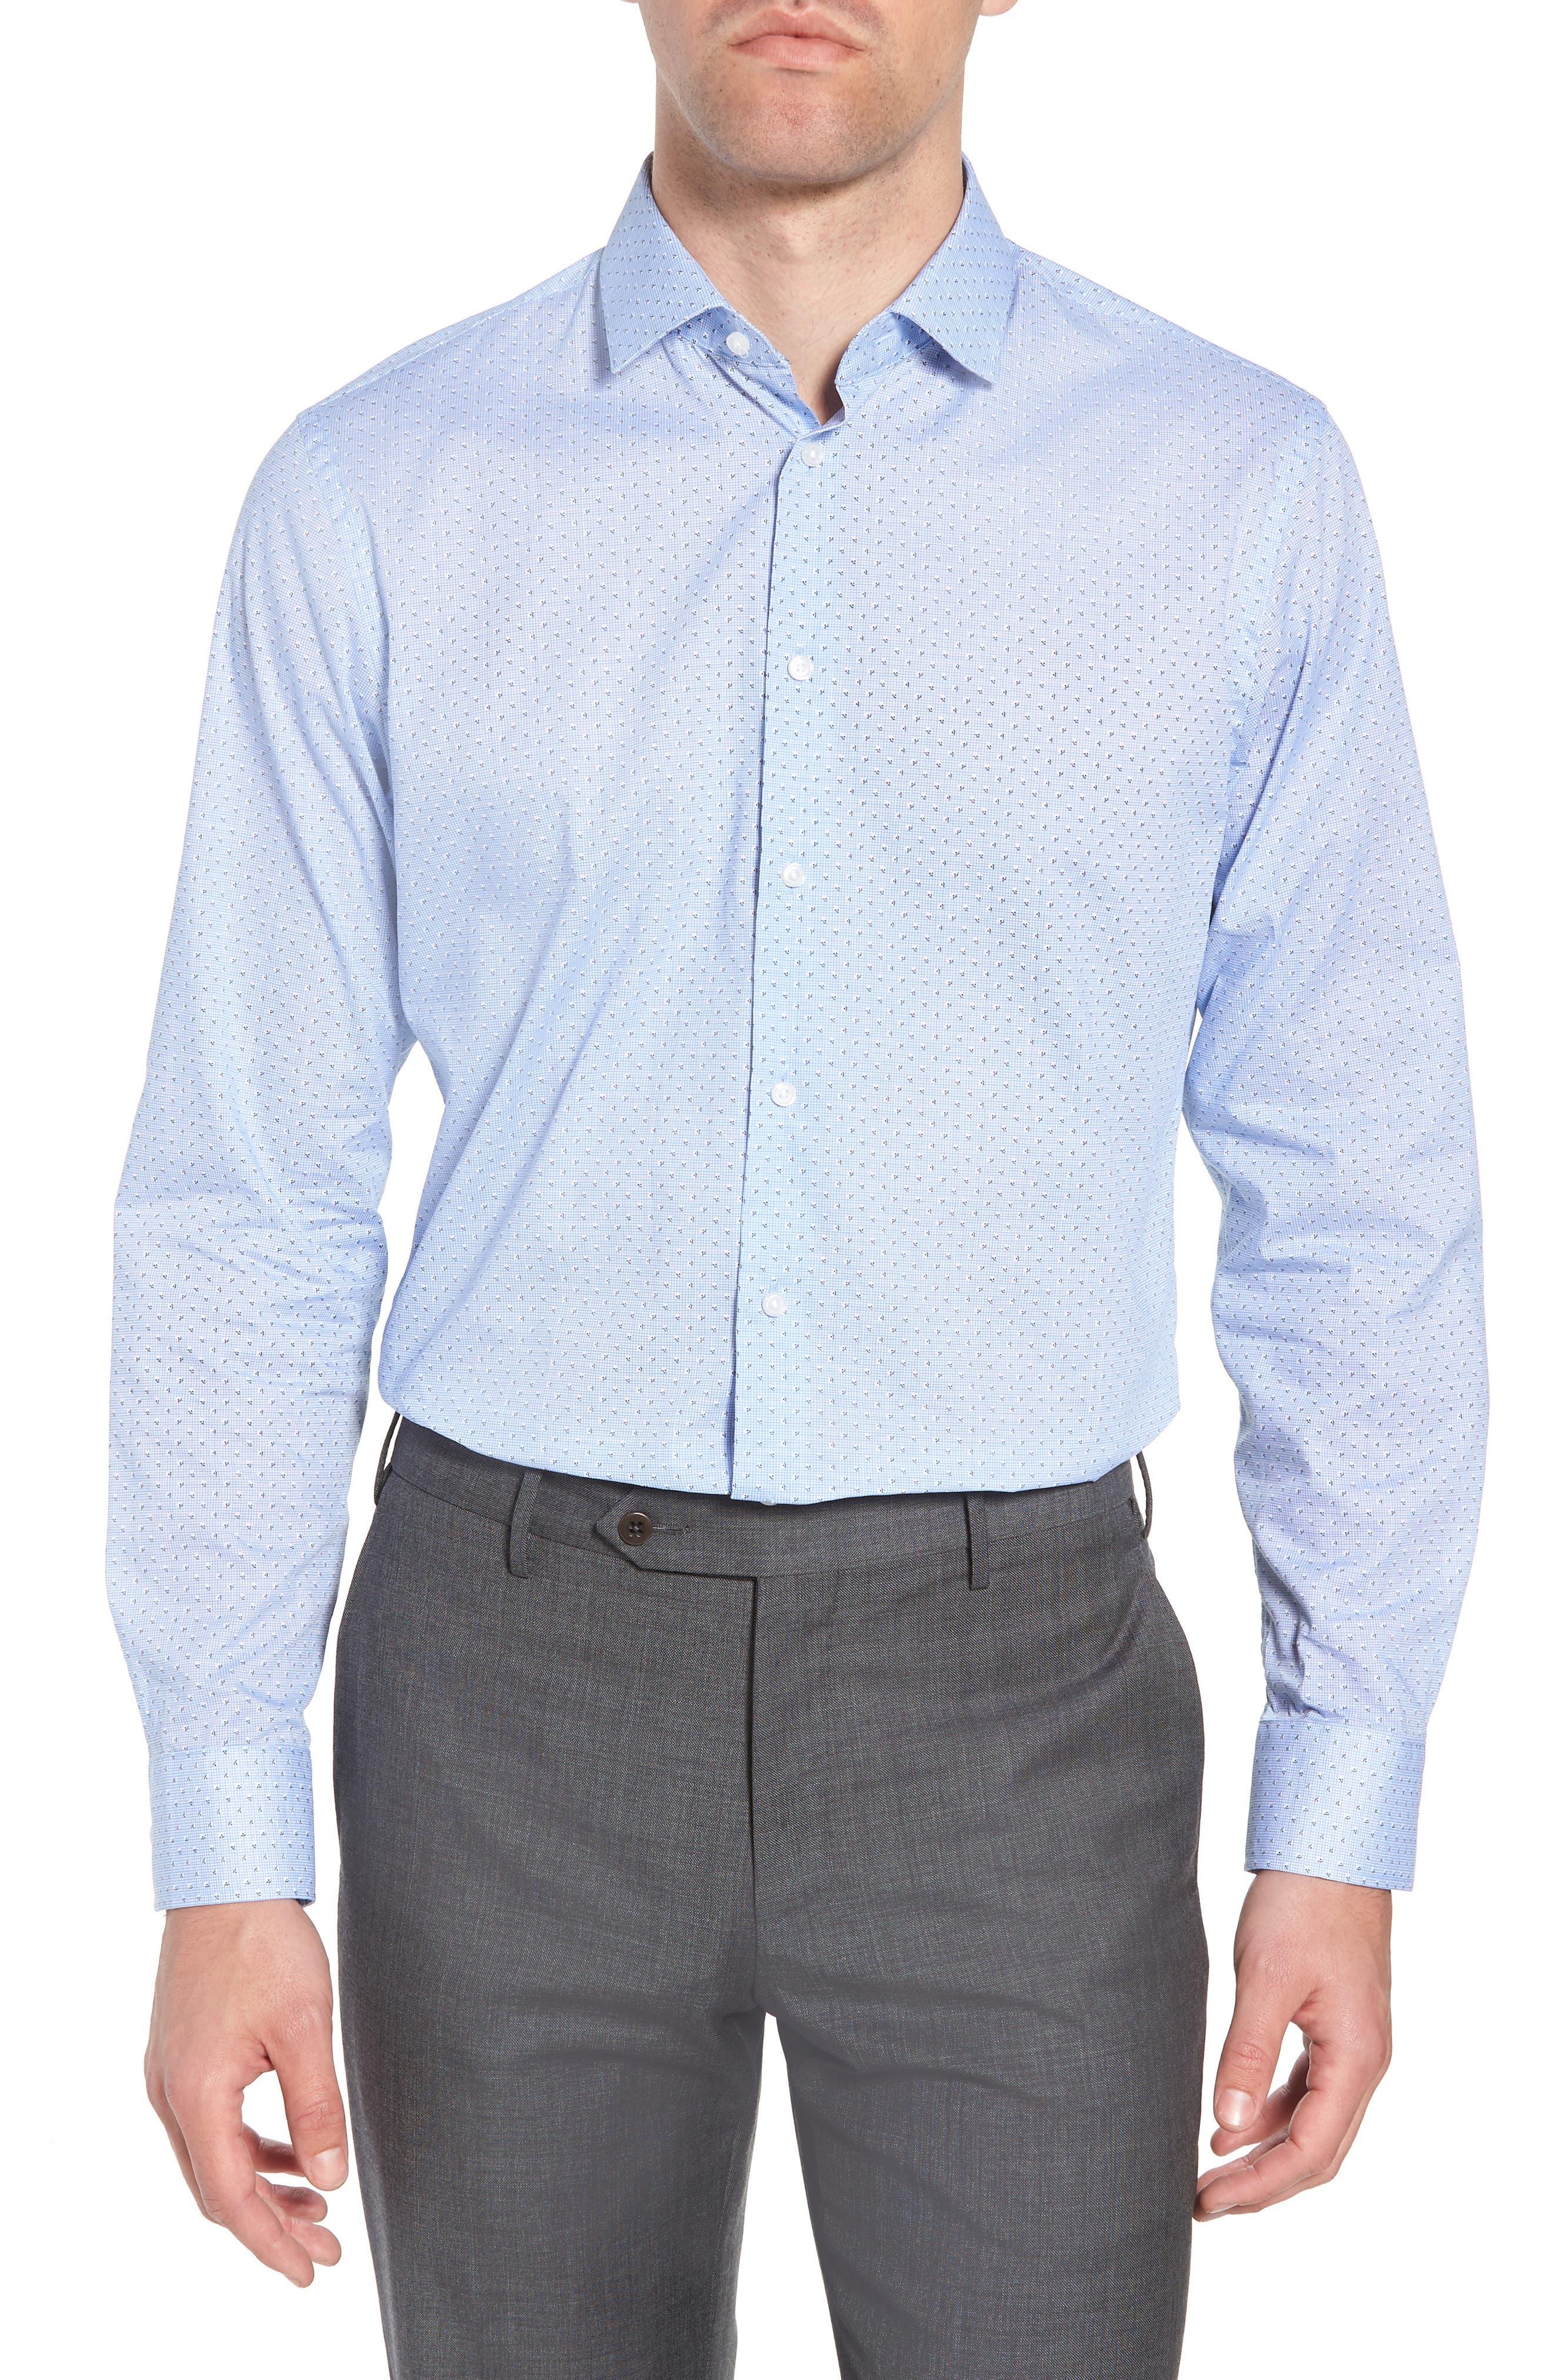 Main Image - Calibrate Trim Fit Print Dress Shirt